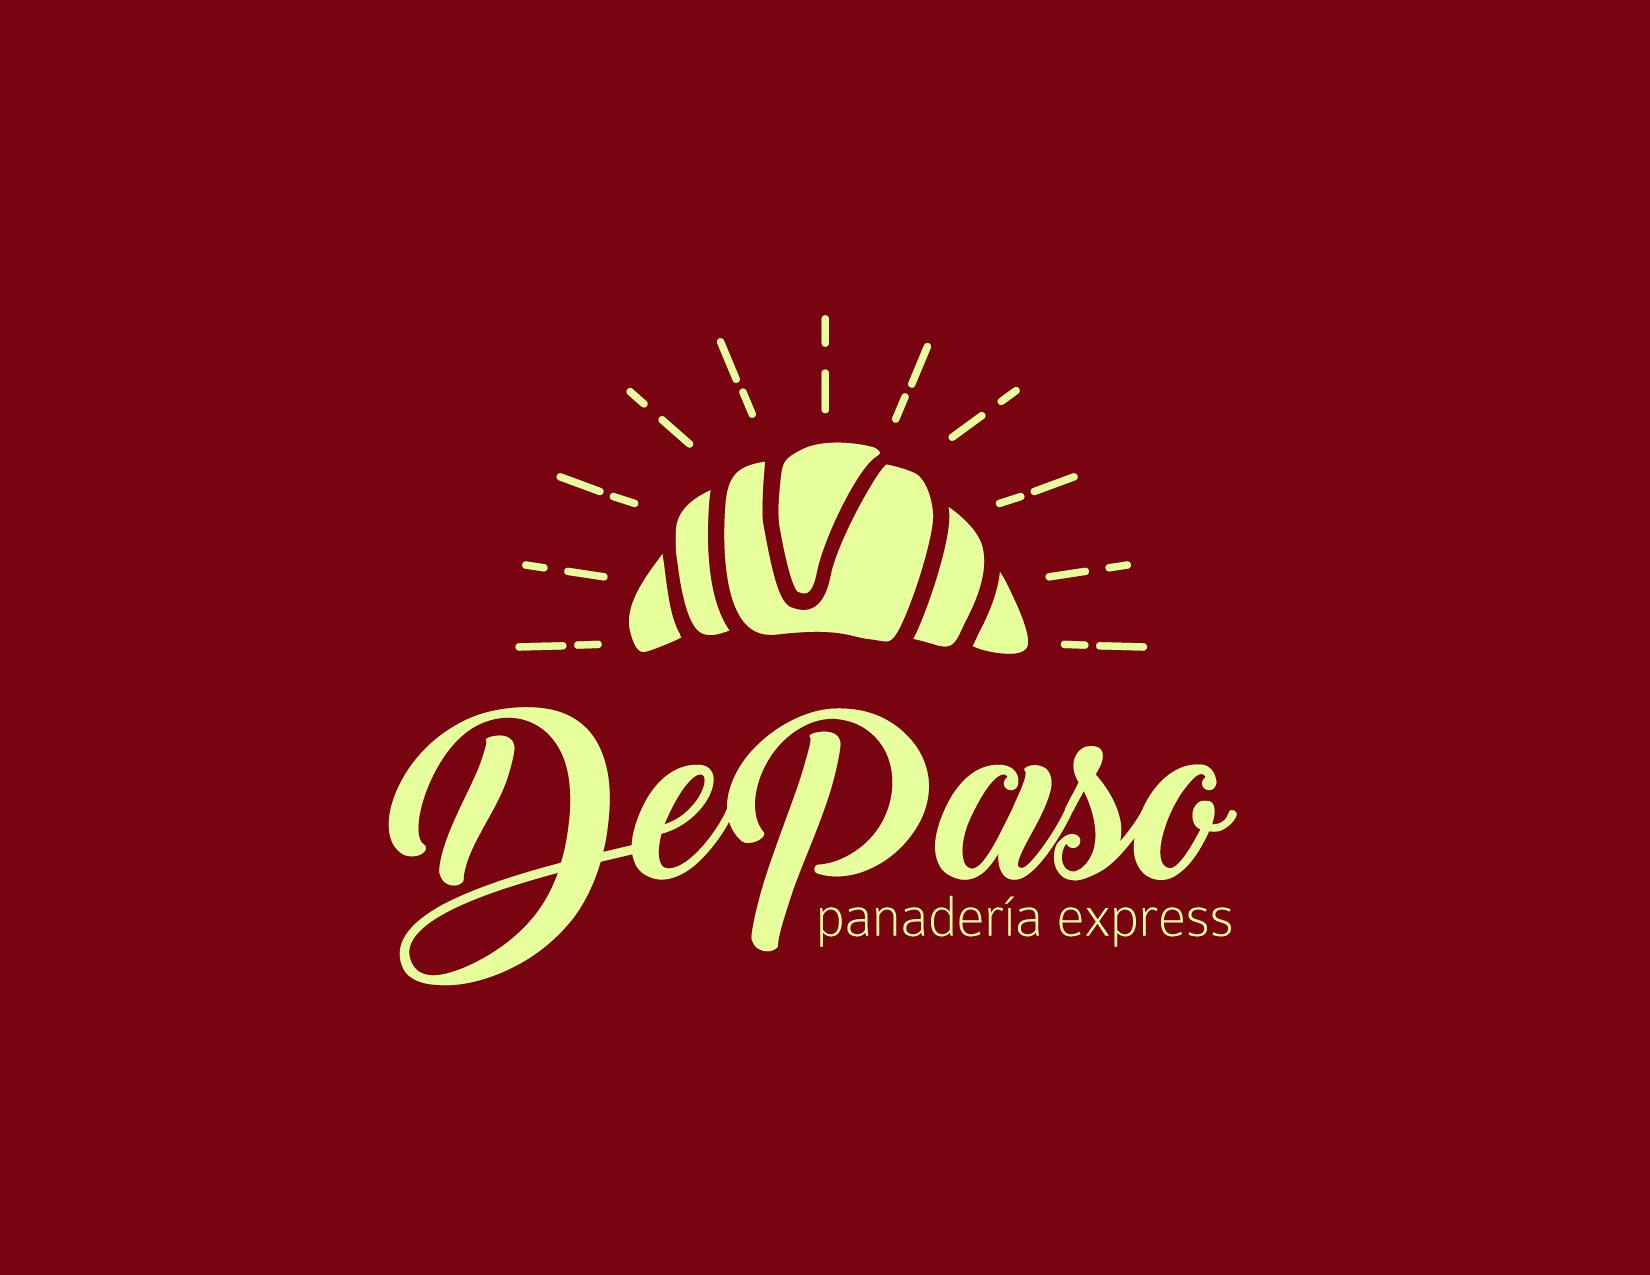 DePaso Panaderi express